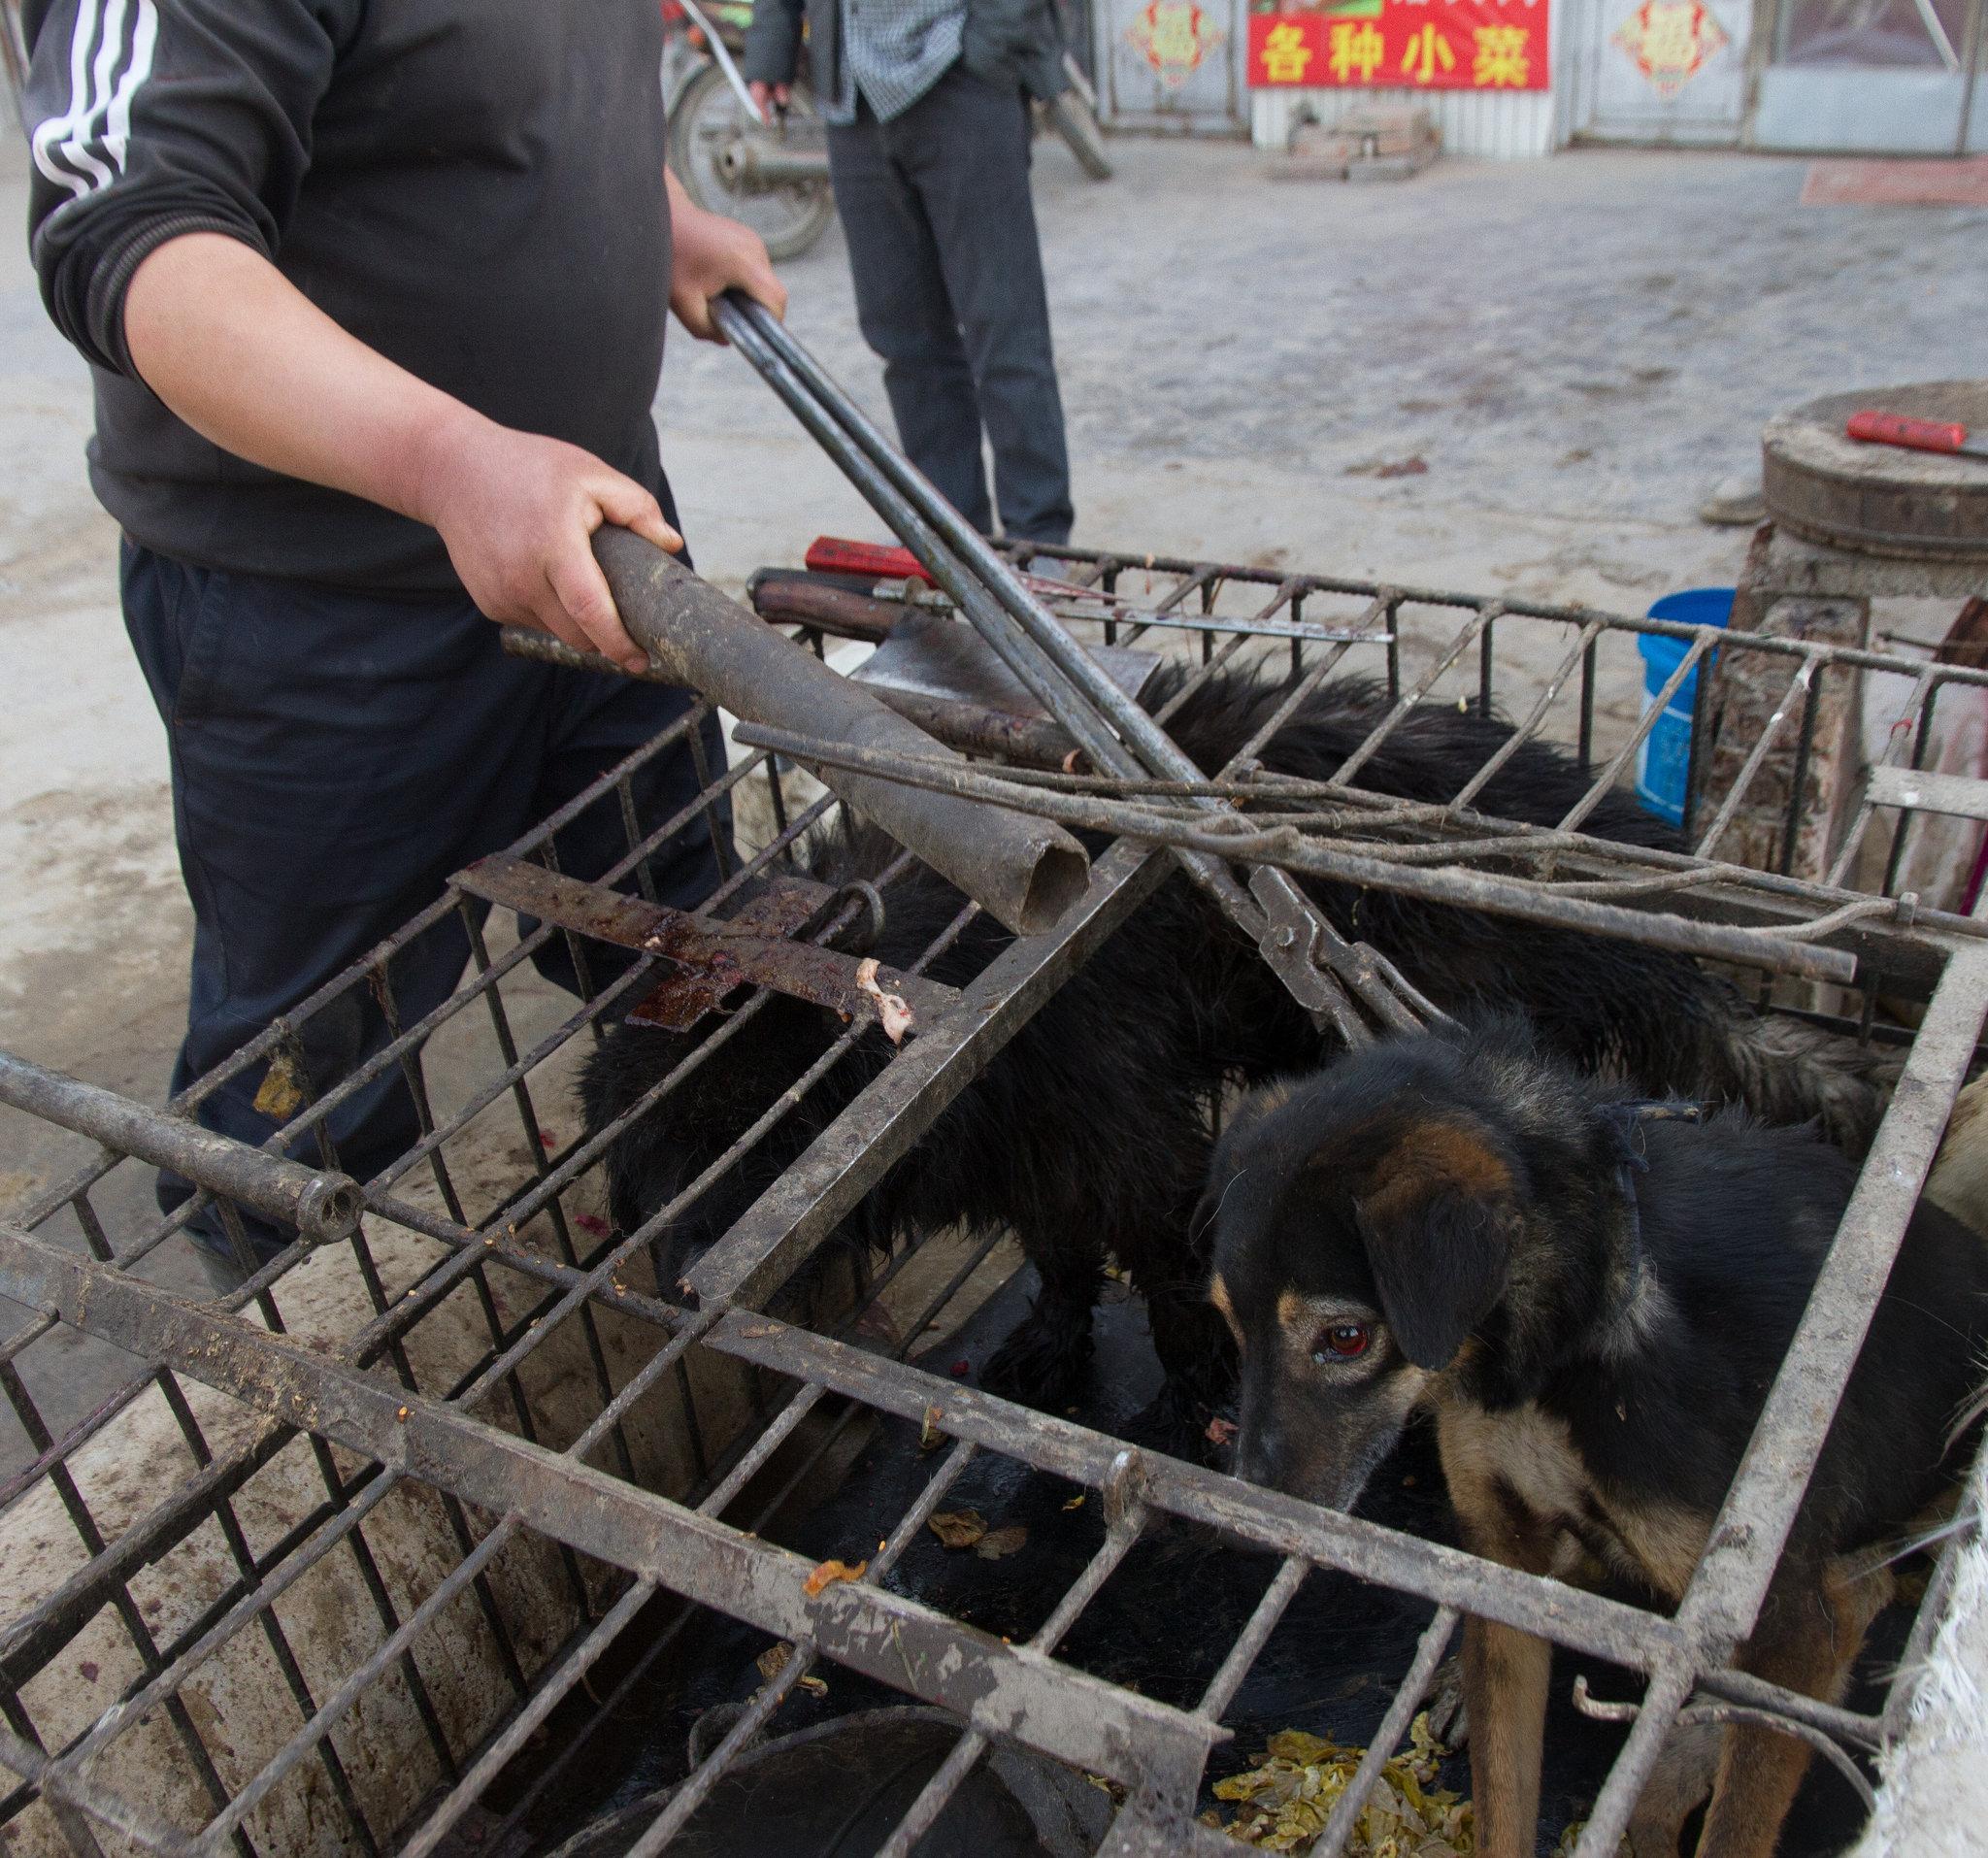 Autoridades de Shenzhen en China prohíben el consumo de carne de gato y perro